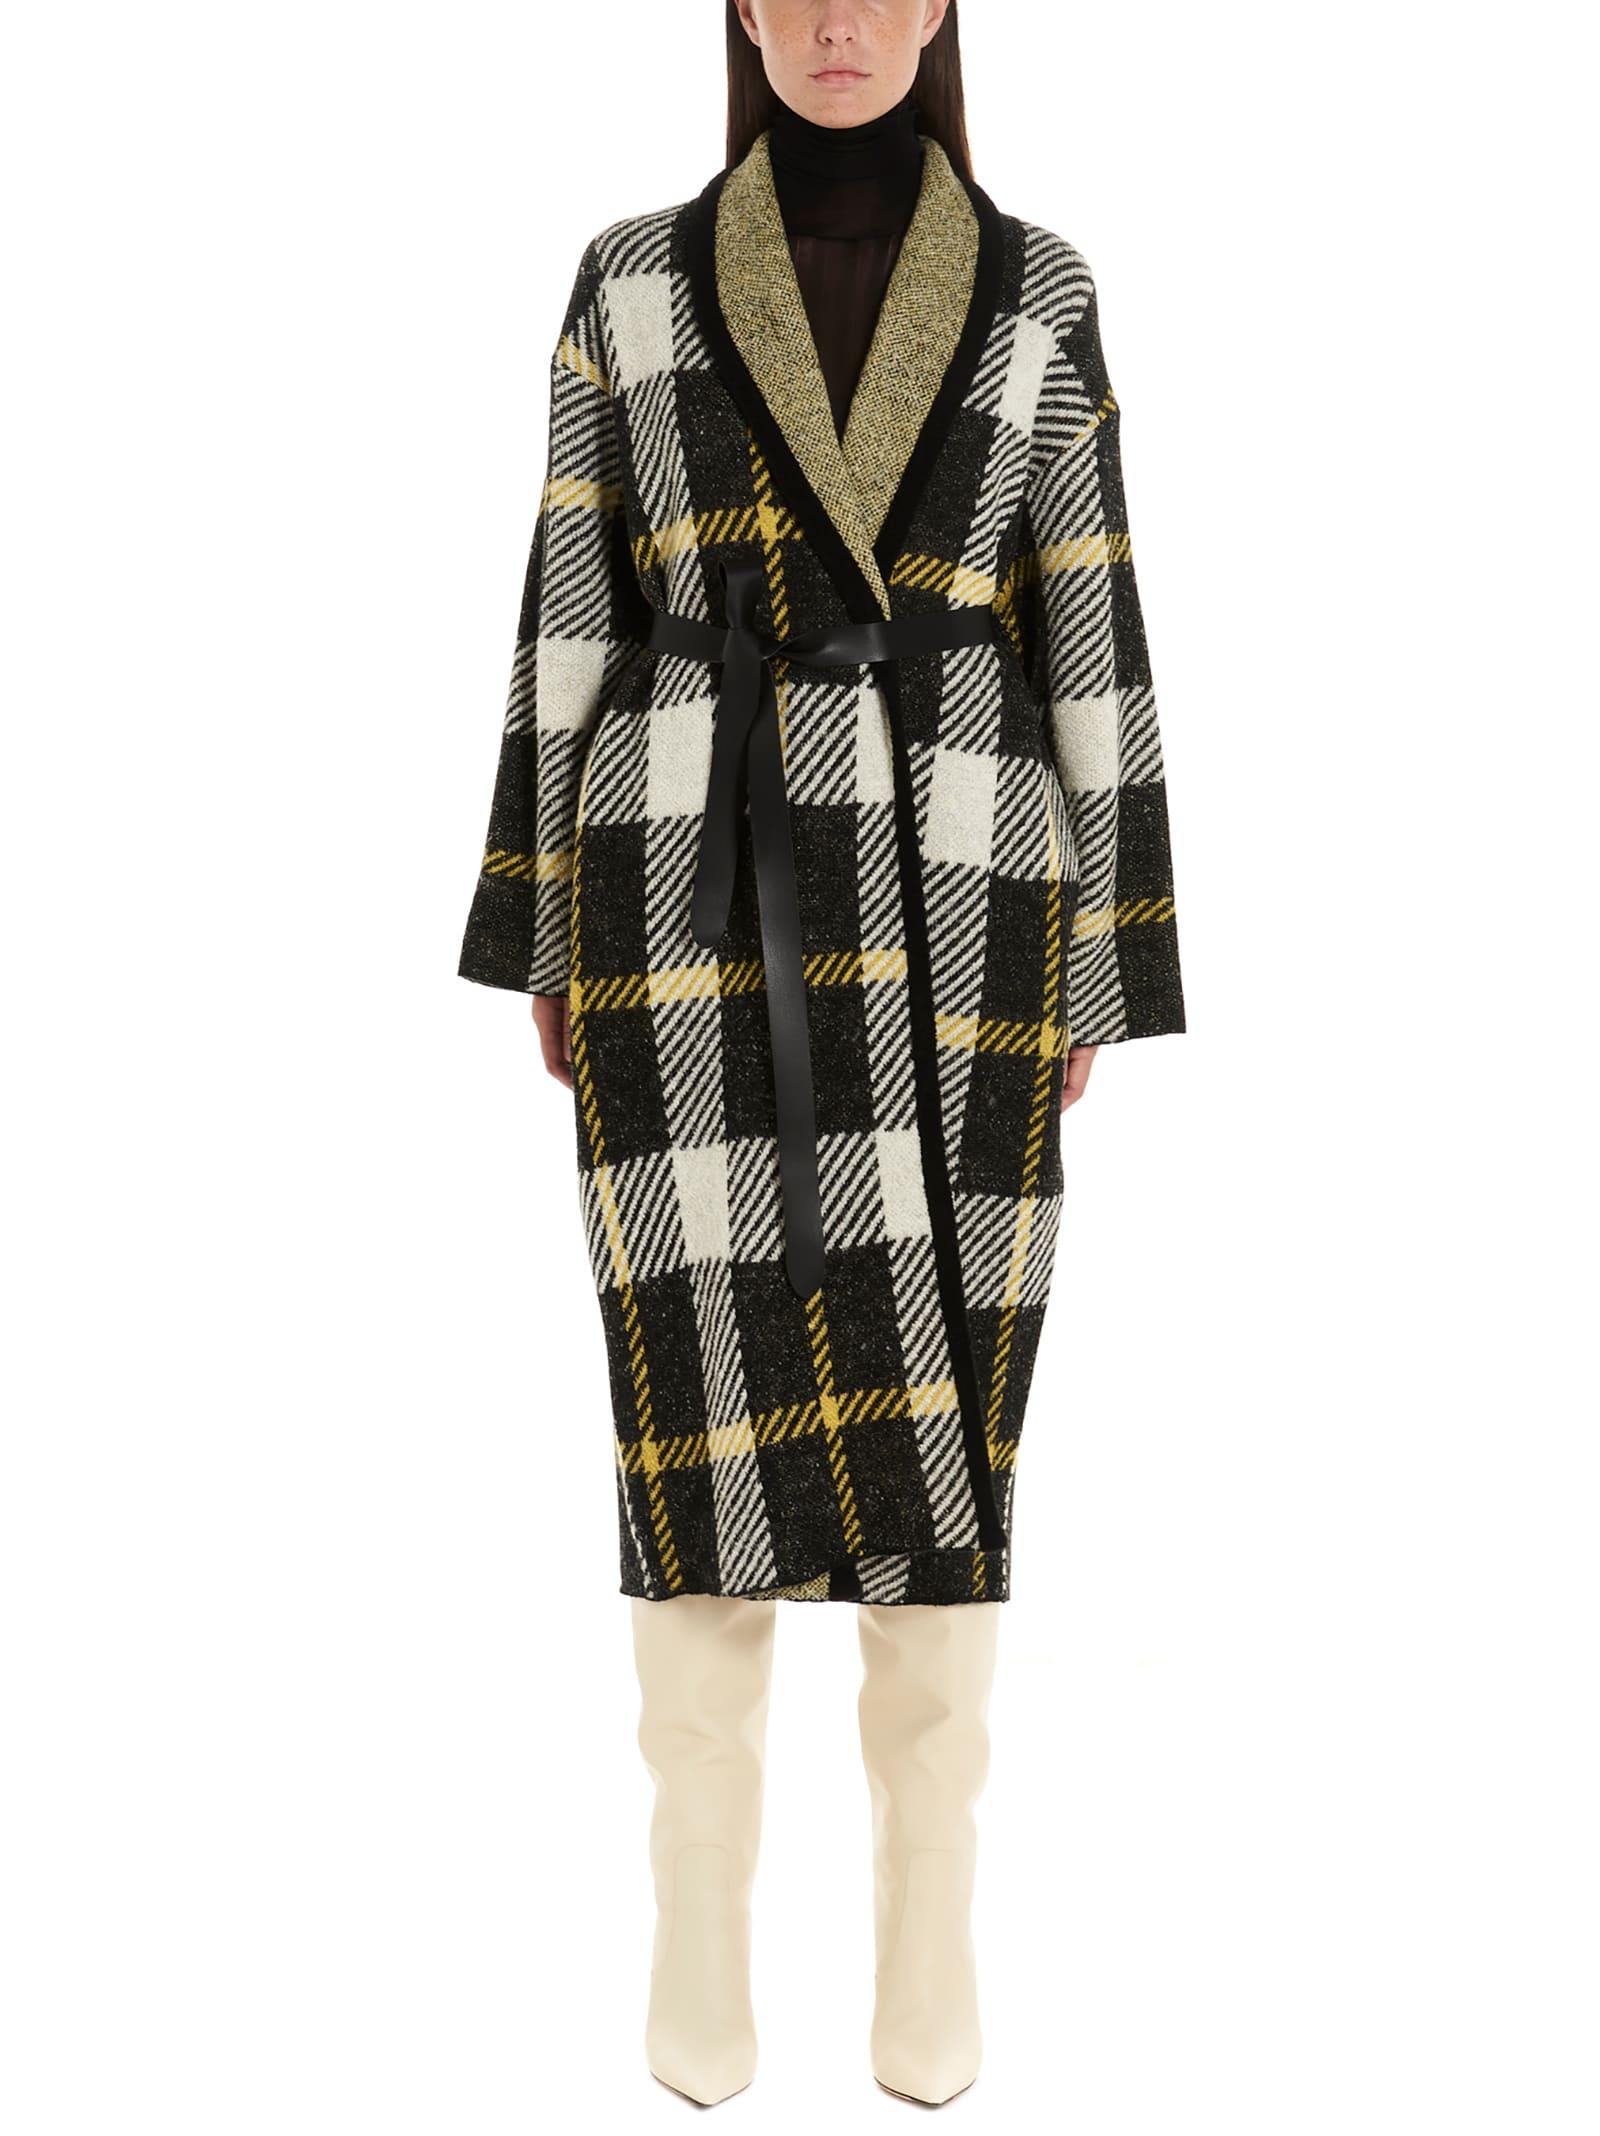 (nude) Coat